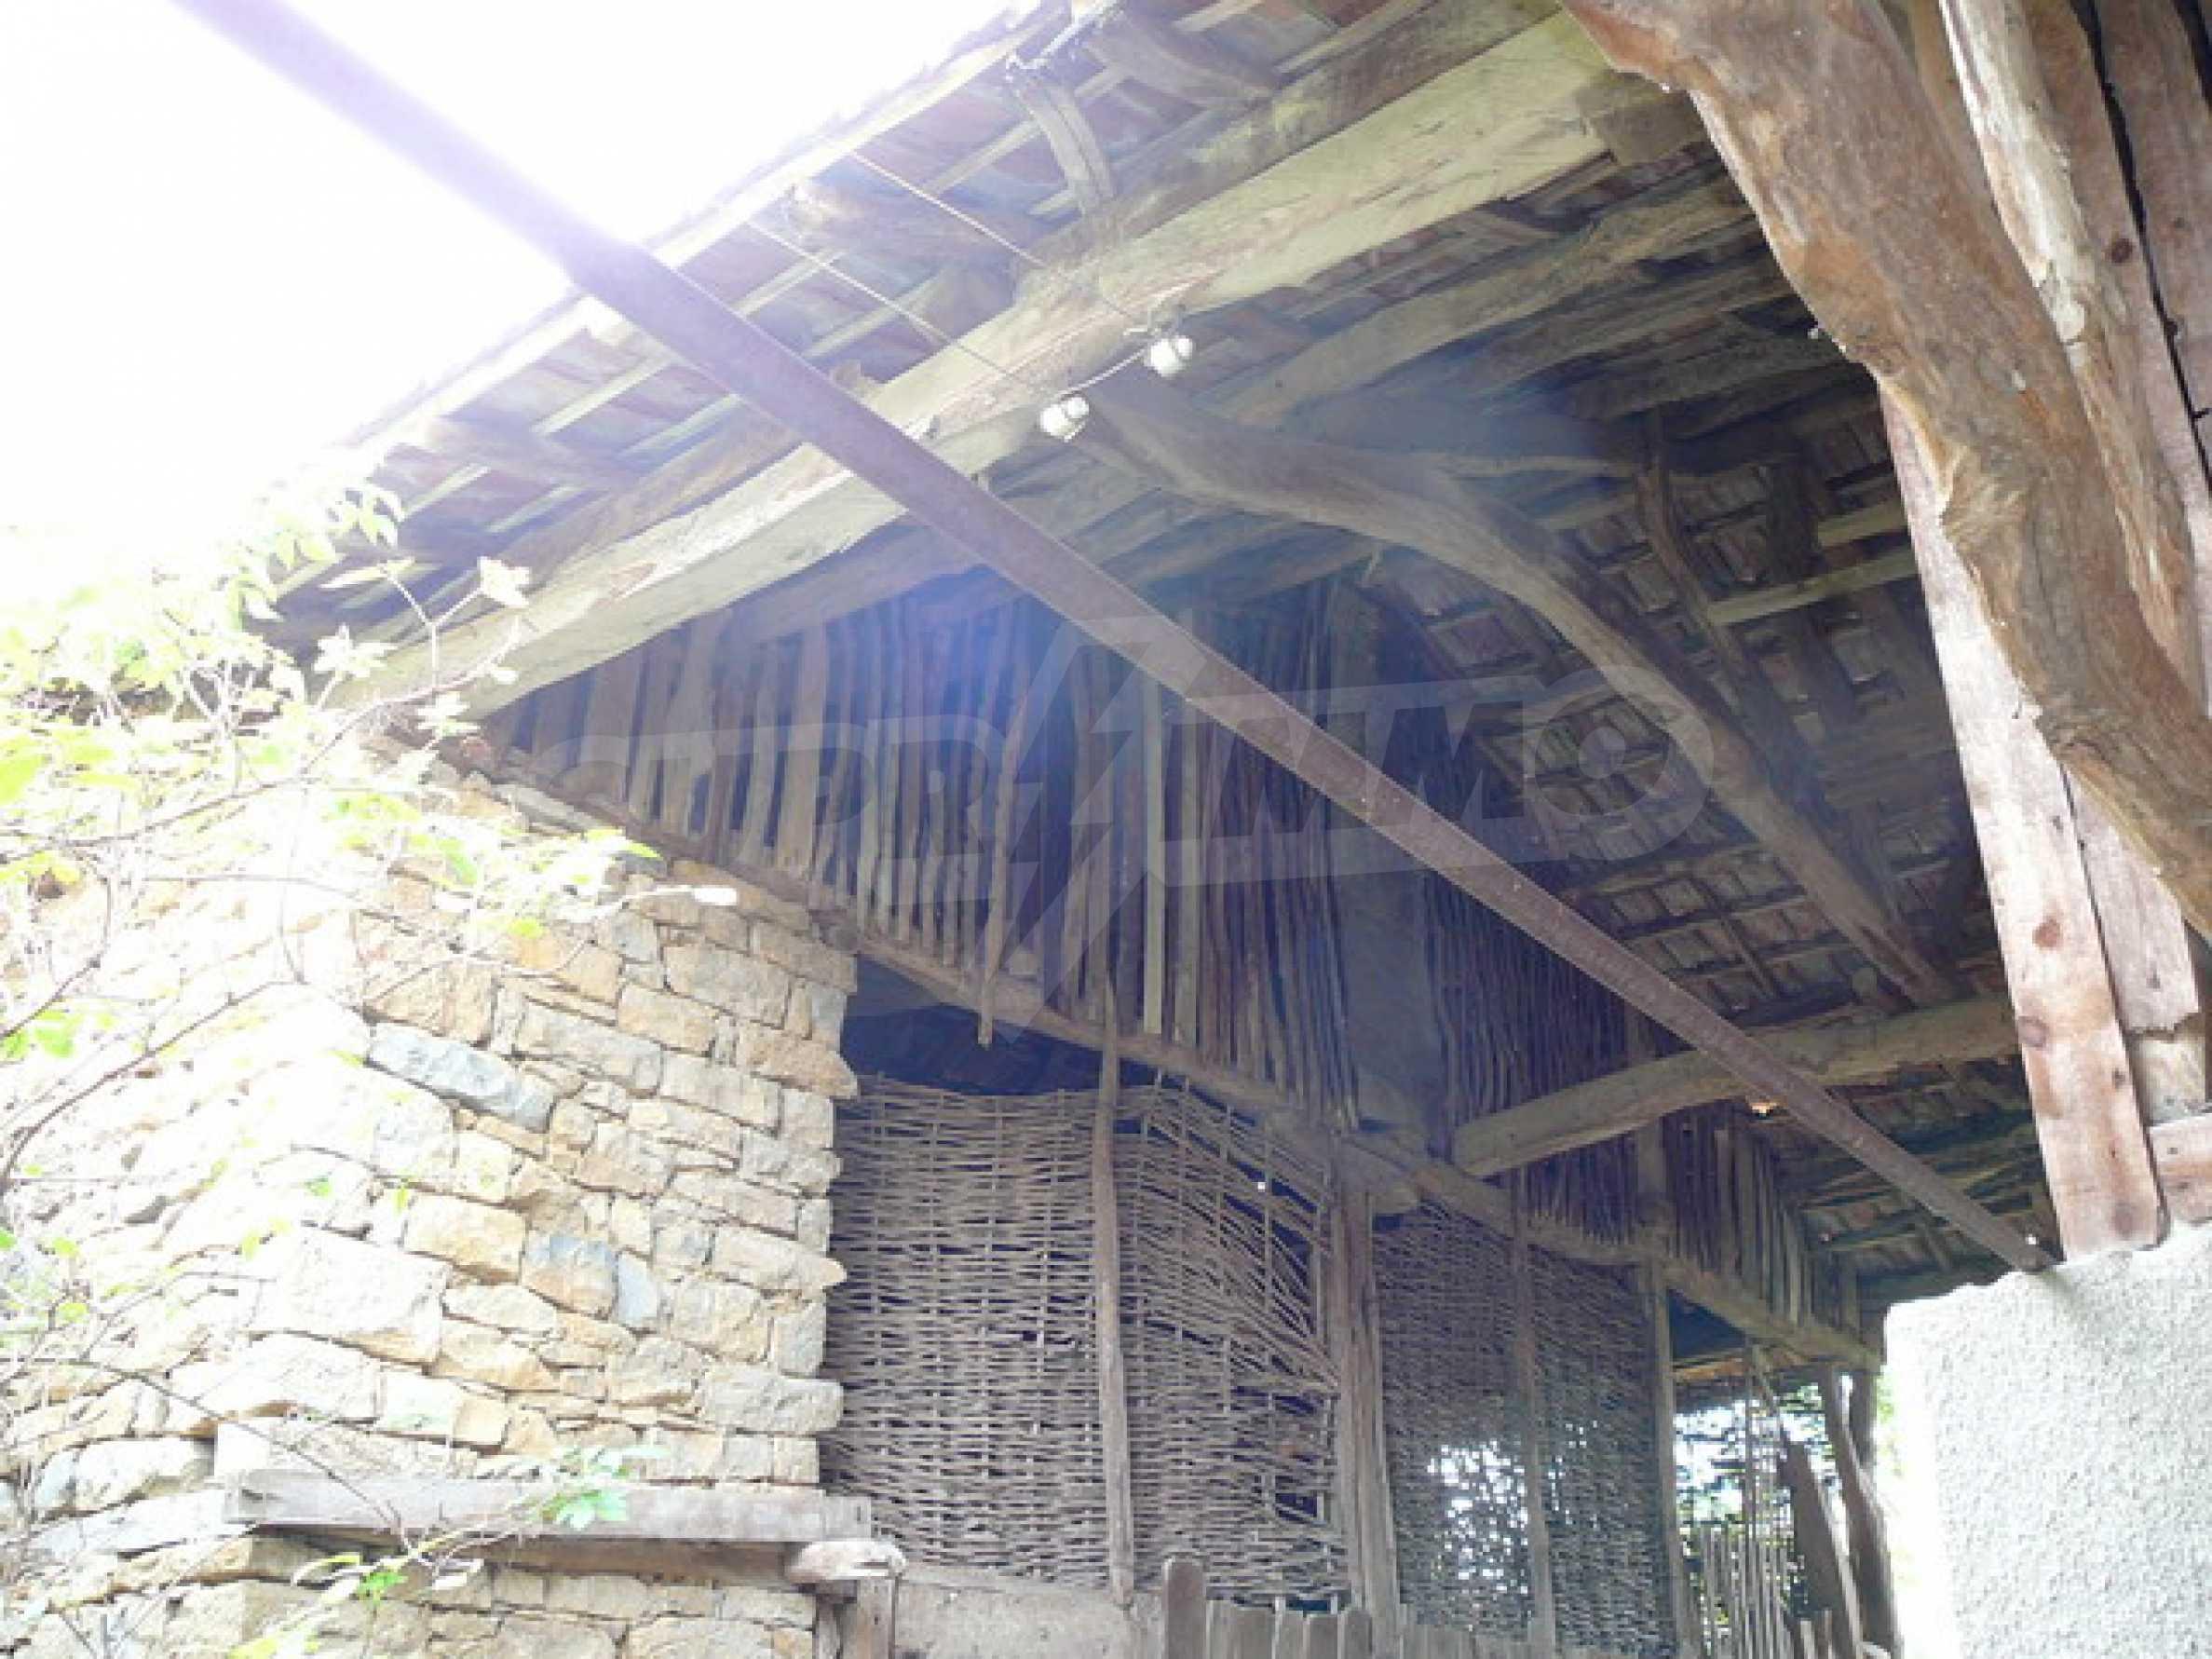 Къща за продажба близо до гр. Велико Търново 49